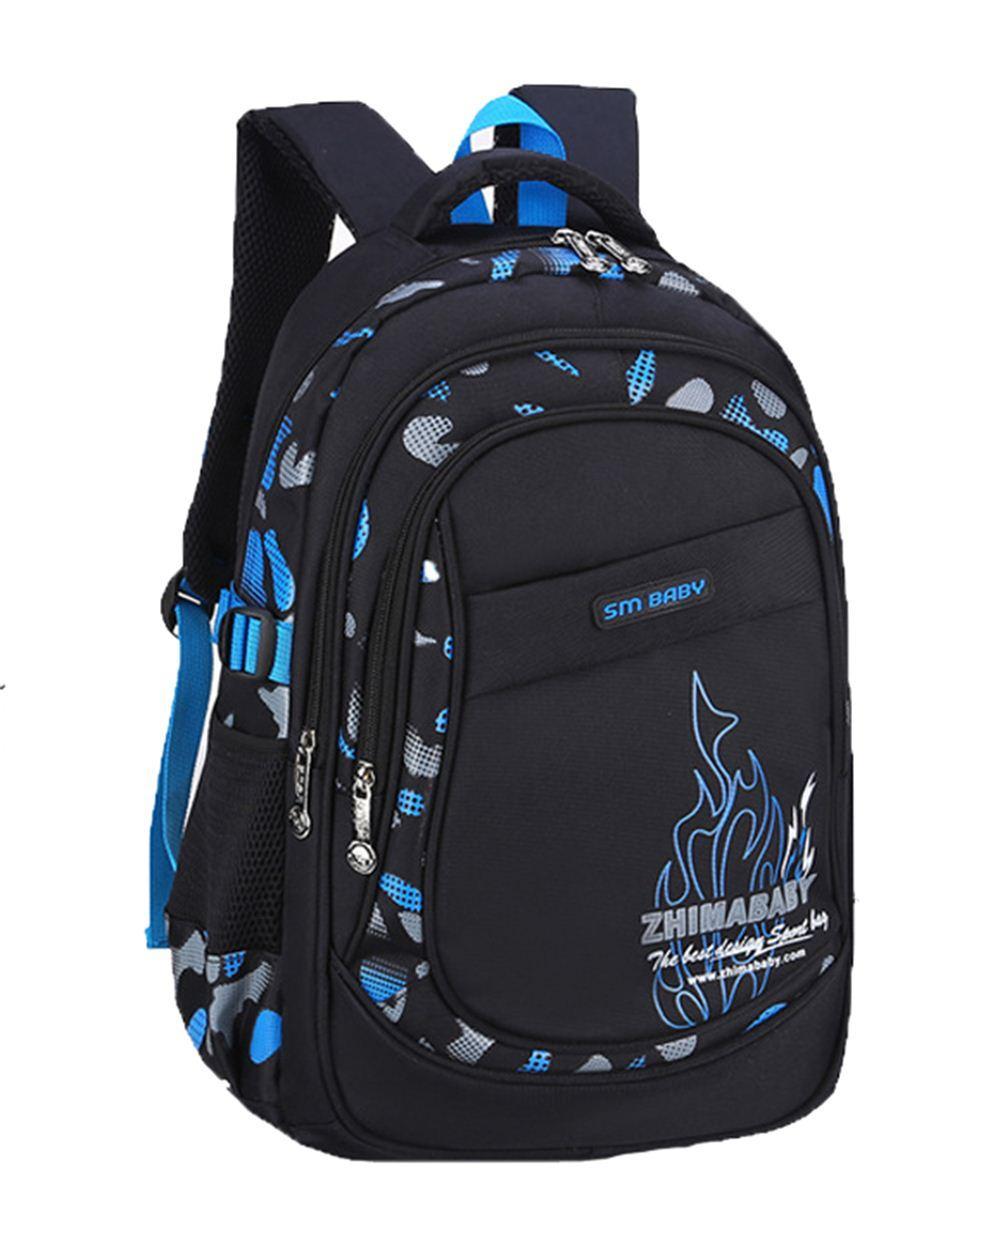 School stylish bags for boys 2019